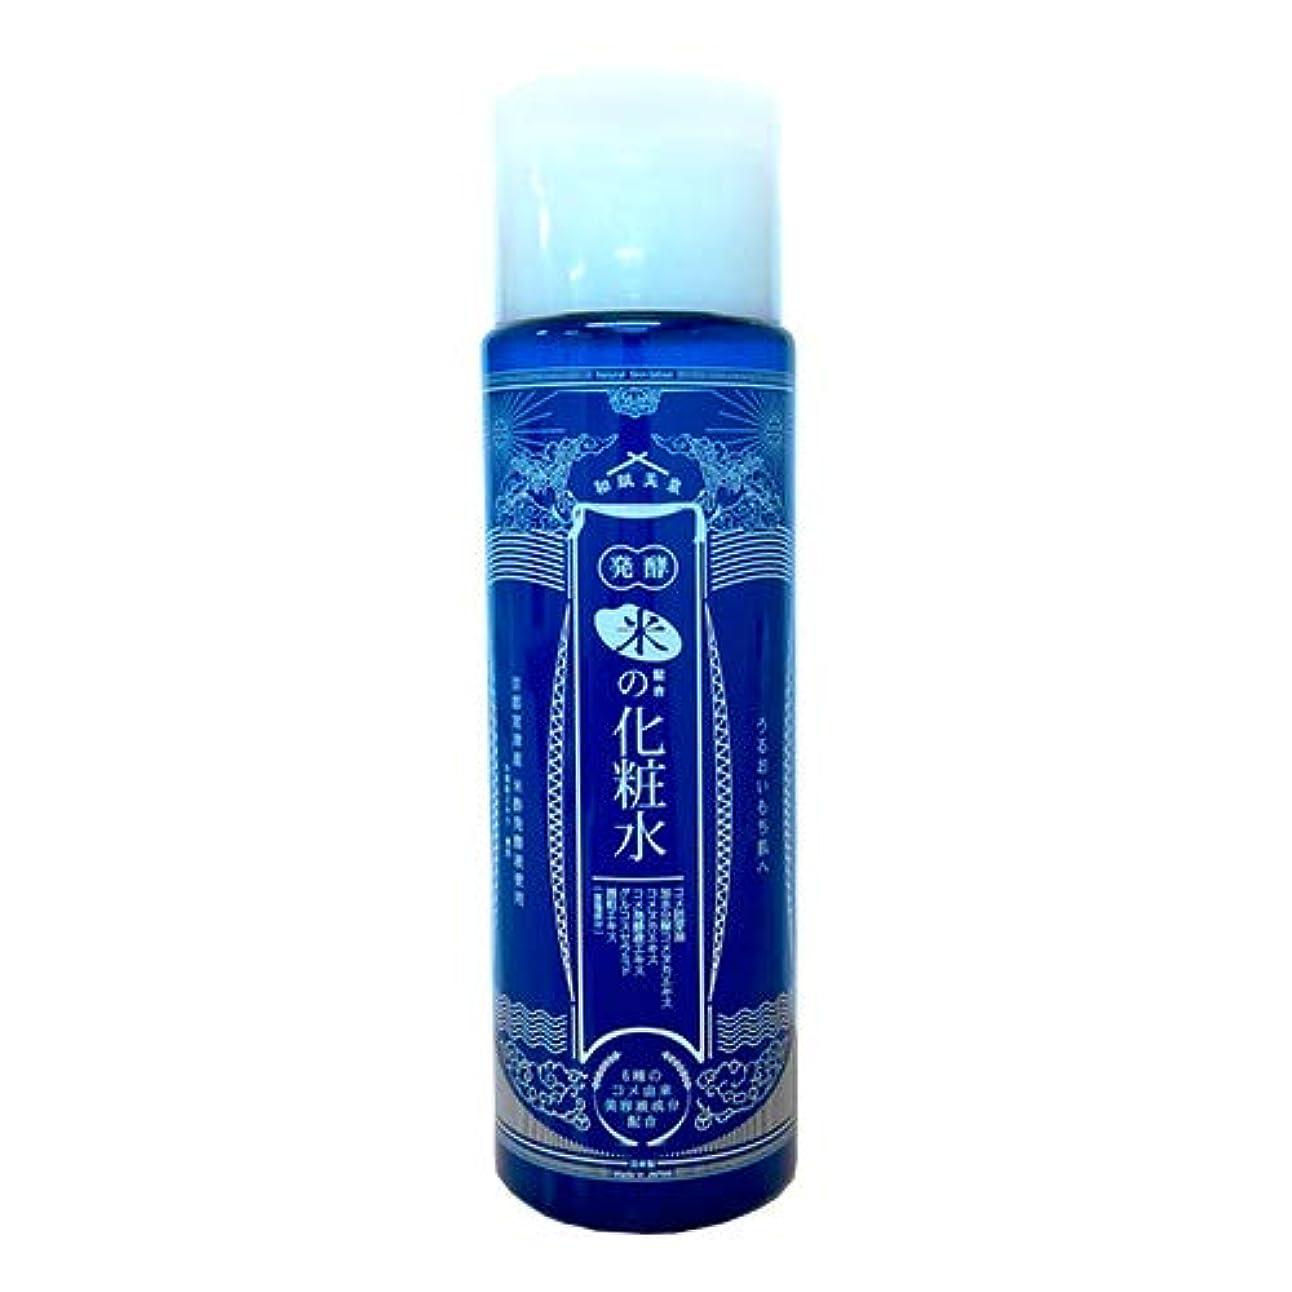 断言する見込み右和肌美泉 発酵•米配合の化粧水 180ml